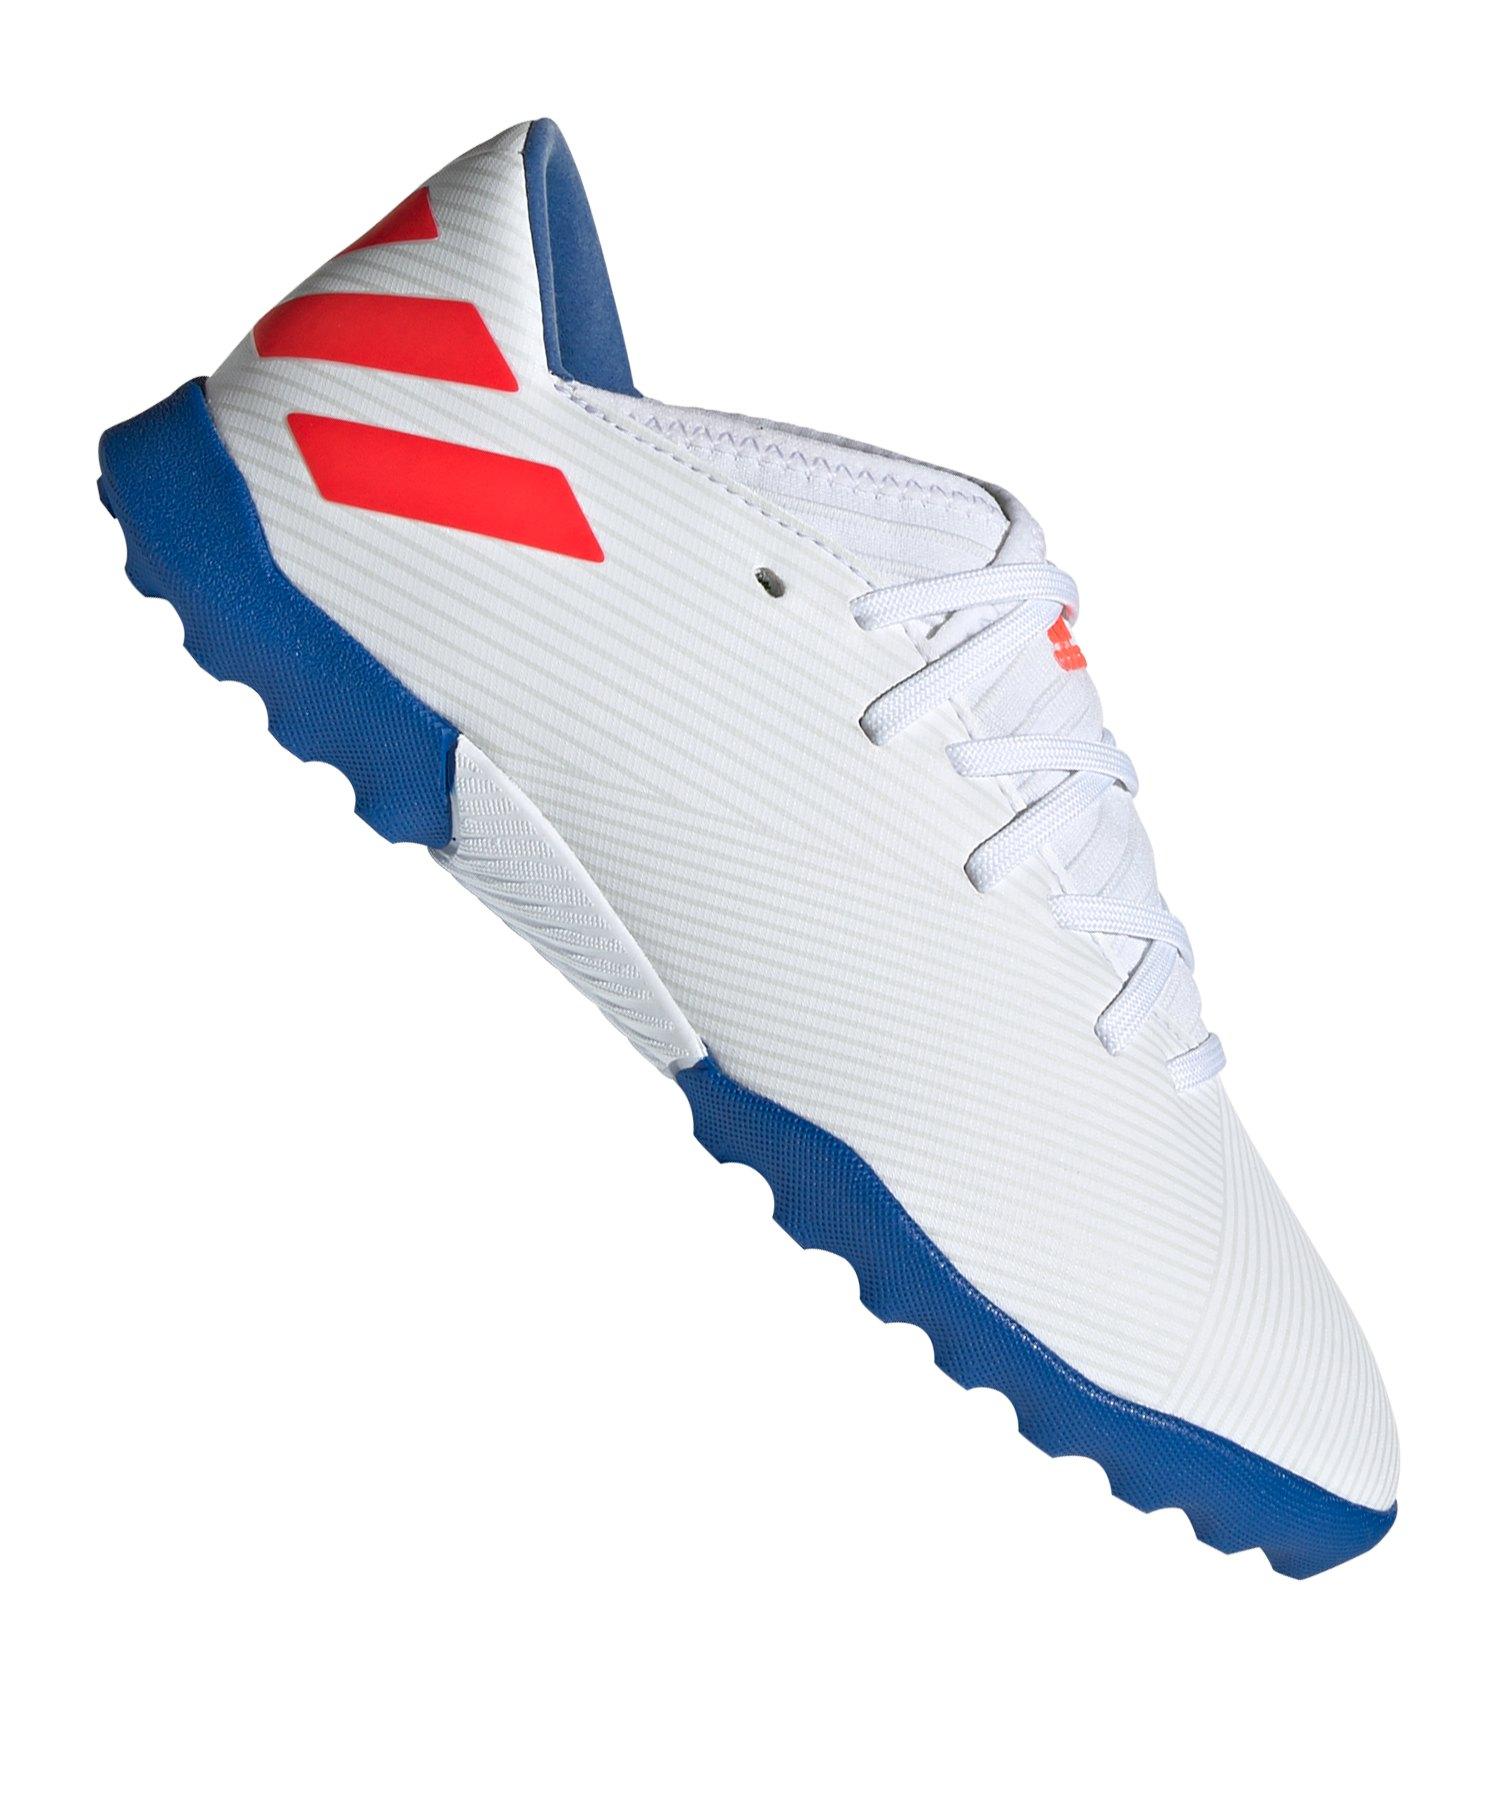 adidas NEMEZIZ Messi 19.3 TF J Kids Weiss Blau - Weiss